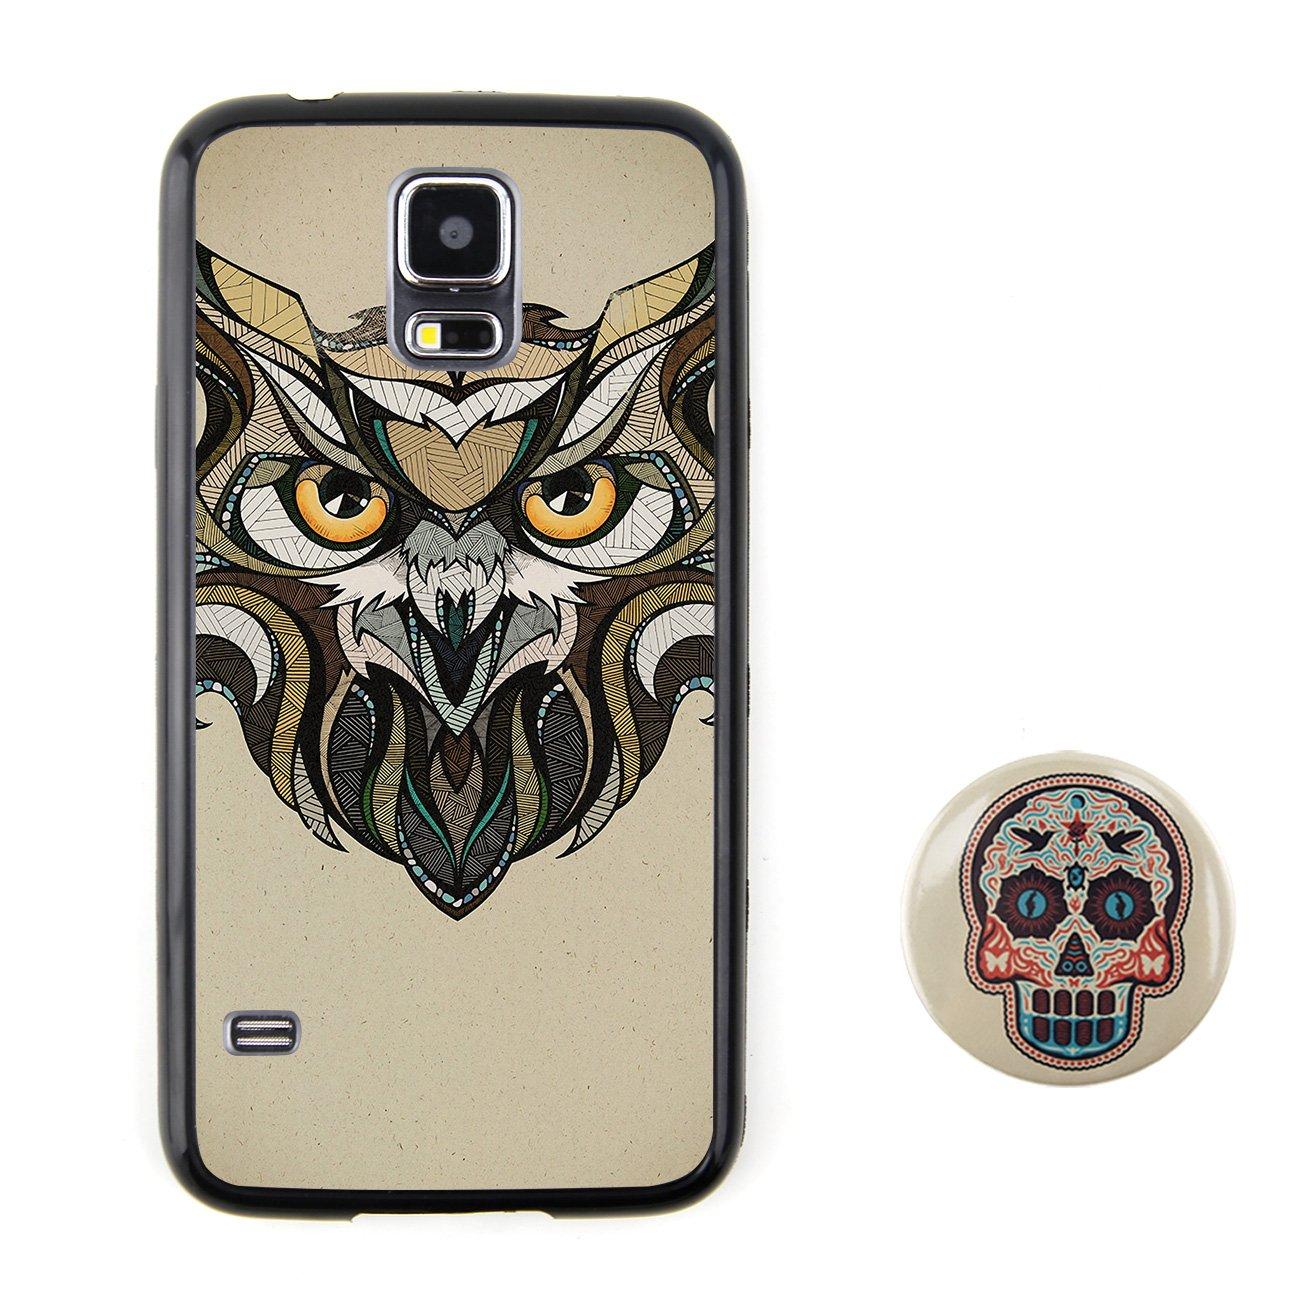 猫头鹰 动物头像浮雕设计风格 塑料+tpu手机壳 手机套